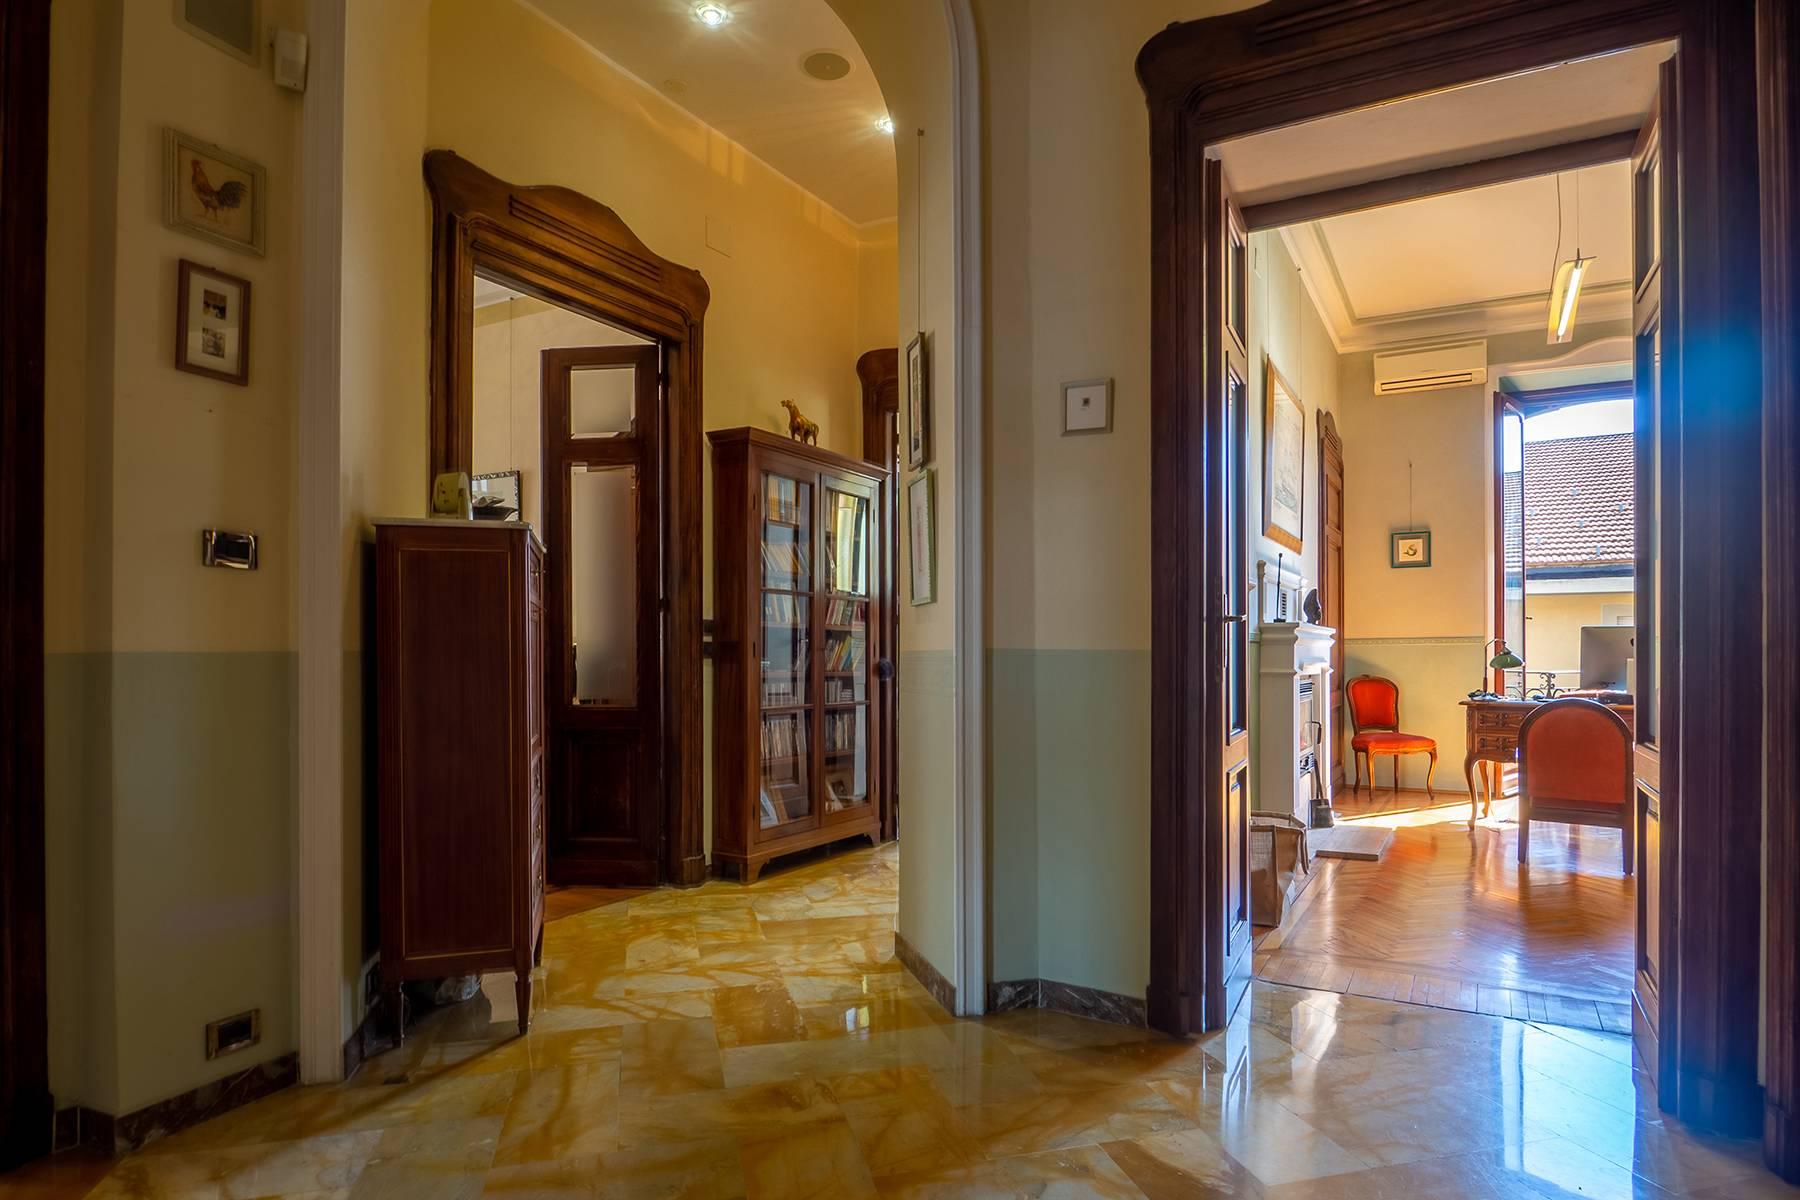 Appartamento in Vendita a Torino: 4 locali, 151 mq - Foto 7